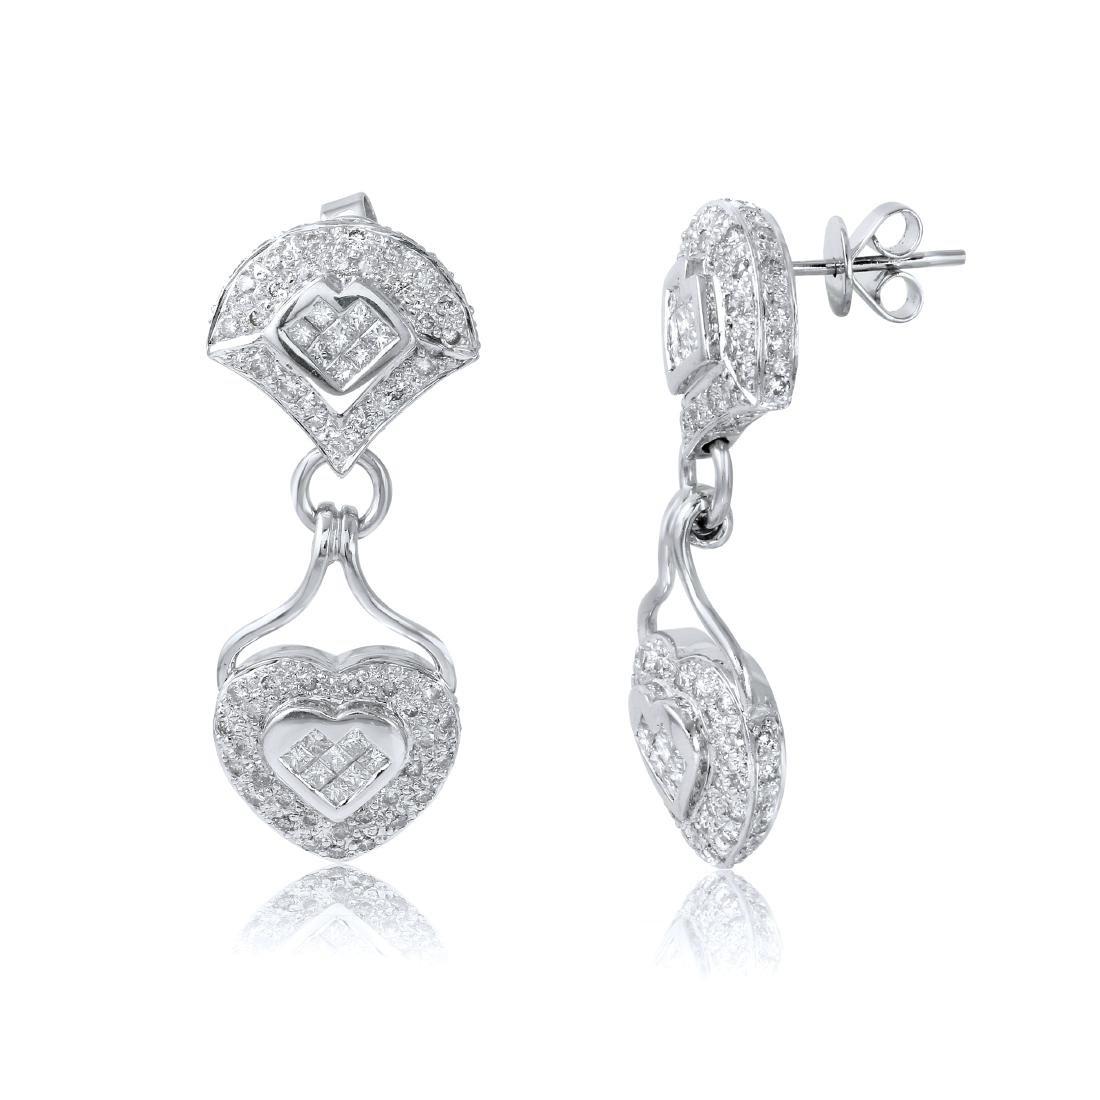 14KT White Gold Diamond Heart Earrings - 2